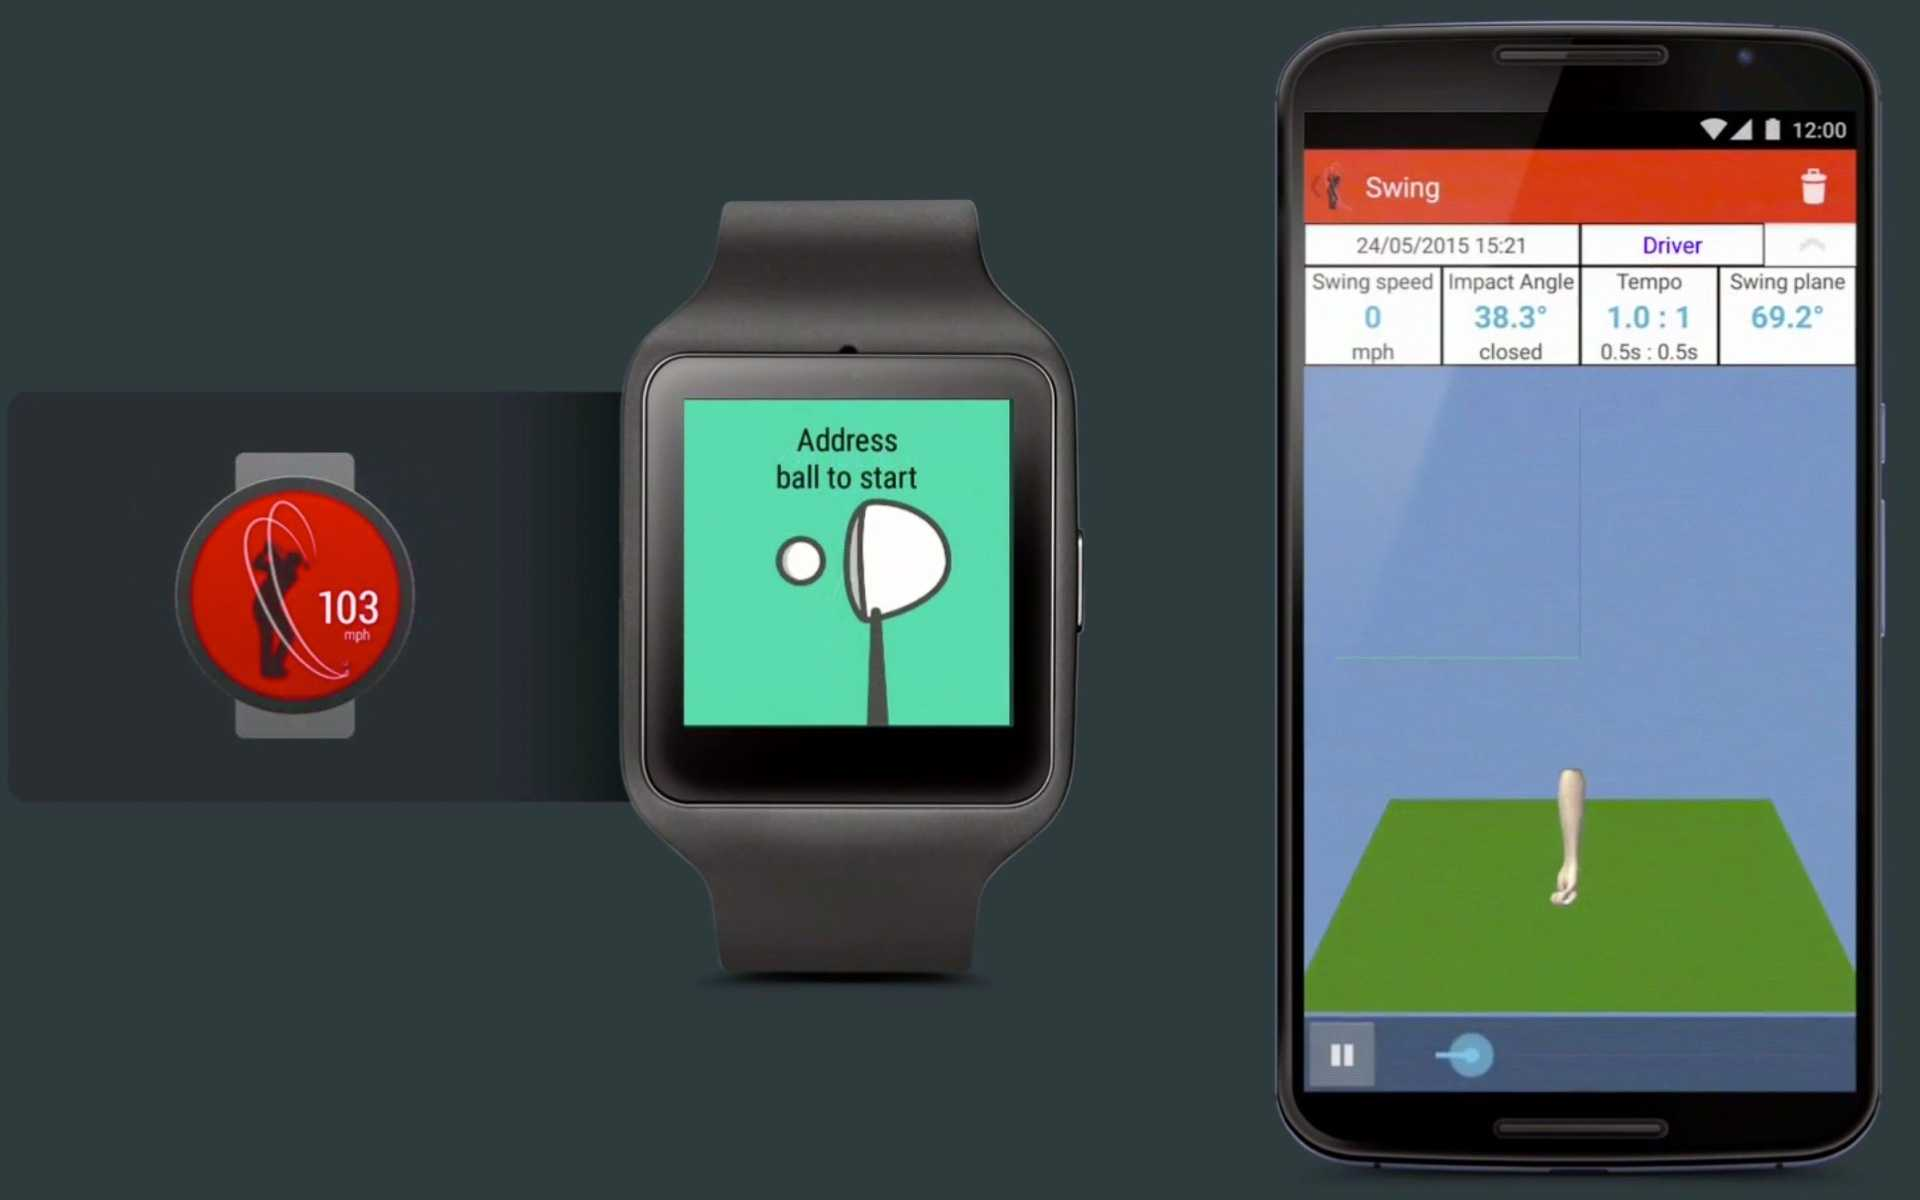 Google Fit erkennt nun, ob man auf dem Golfplatz steht.